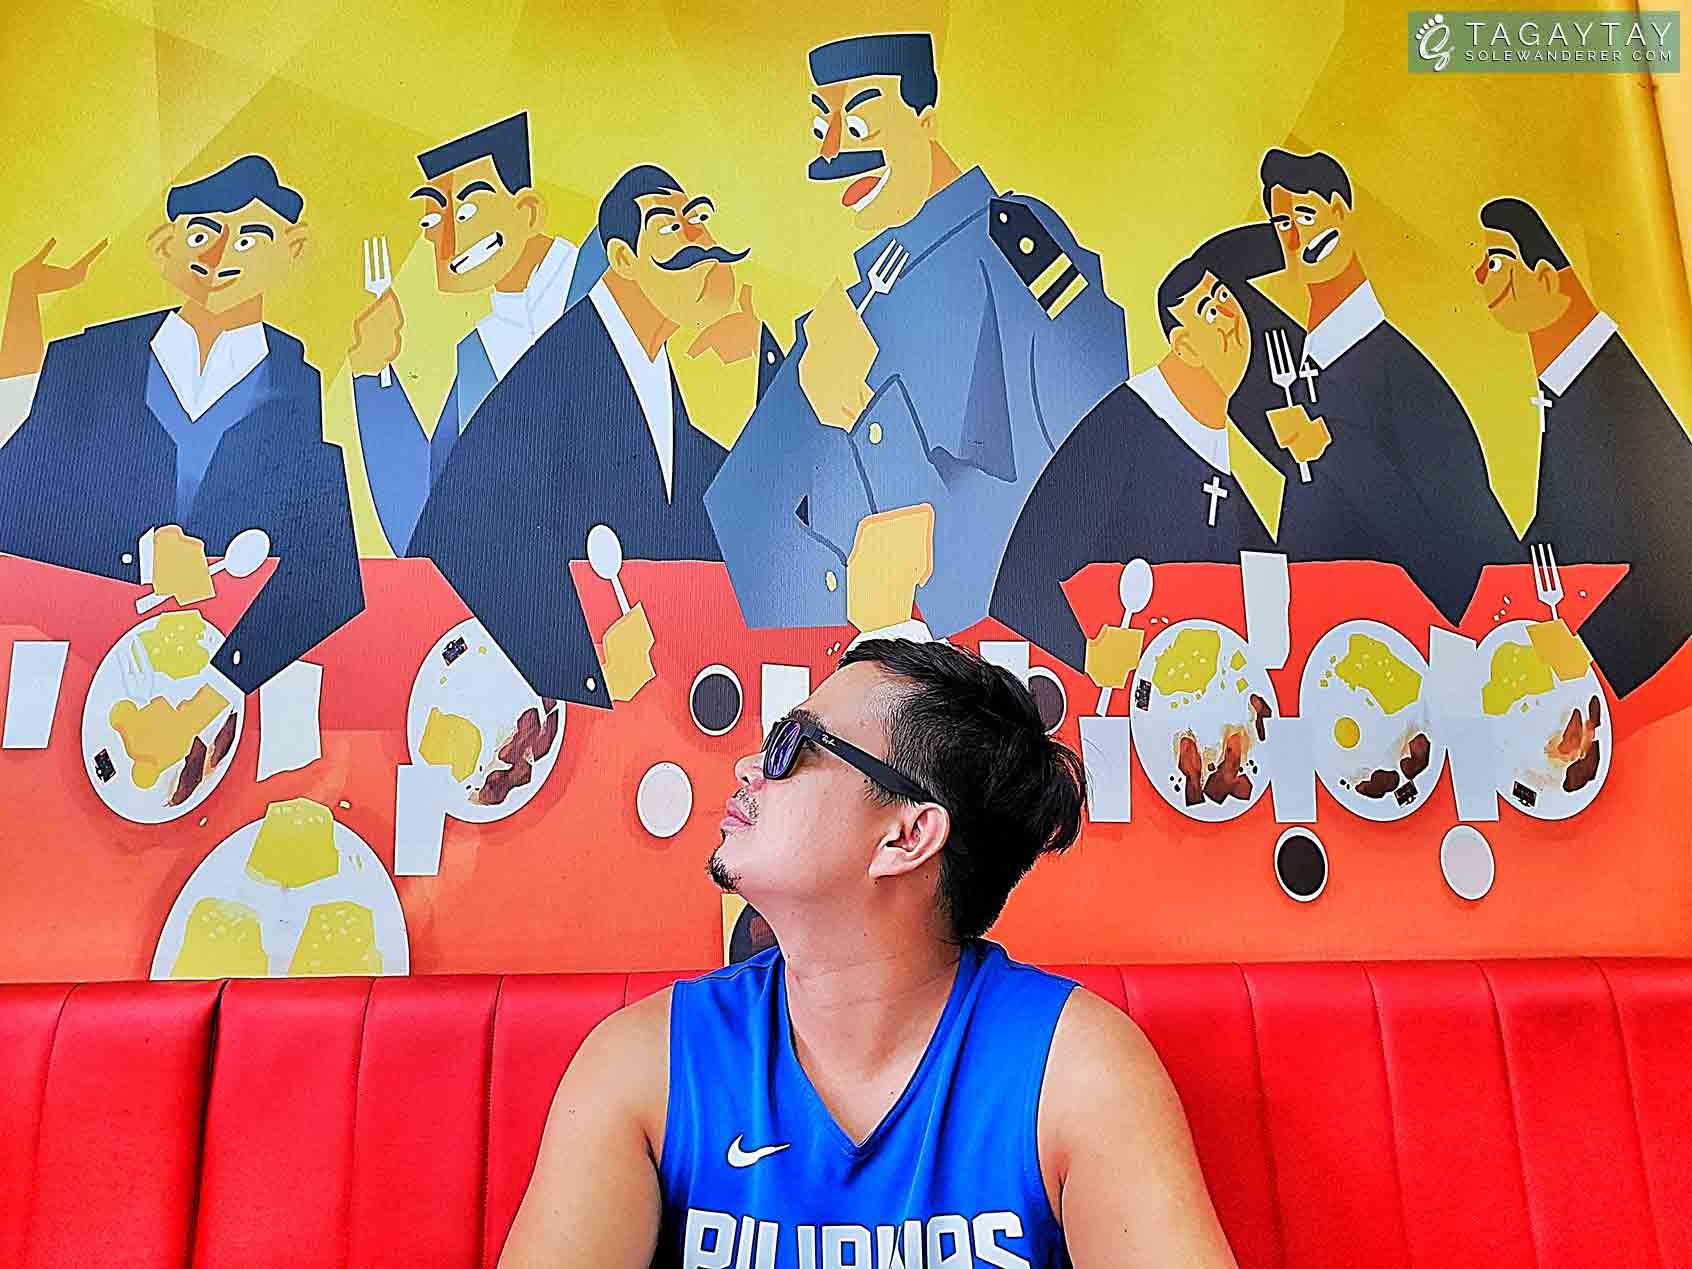 Bayani Tapsi in 48 Tagaytay